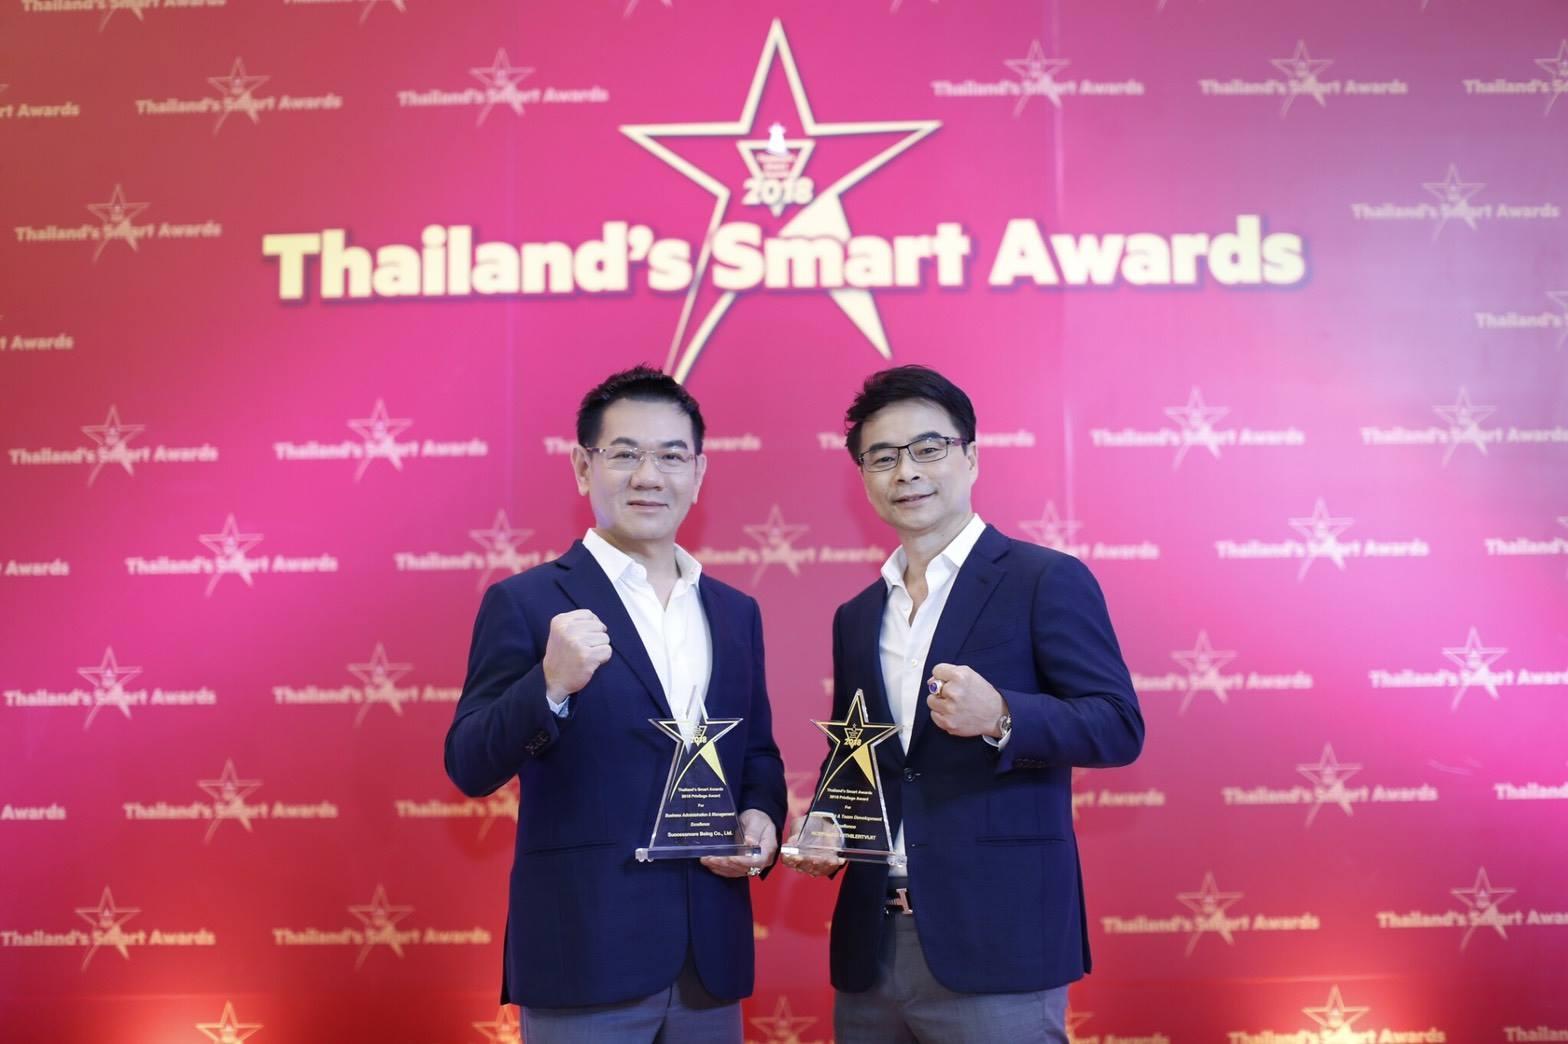 สองผู้ก่อตั้ง SUCCESSMORE รับรางวัลในงาน Thailand's Smart Awards 2018 (1)